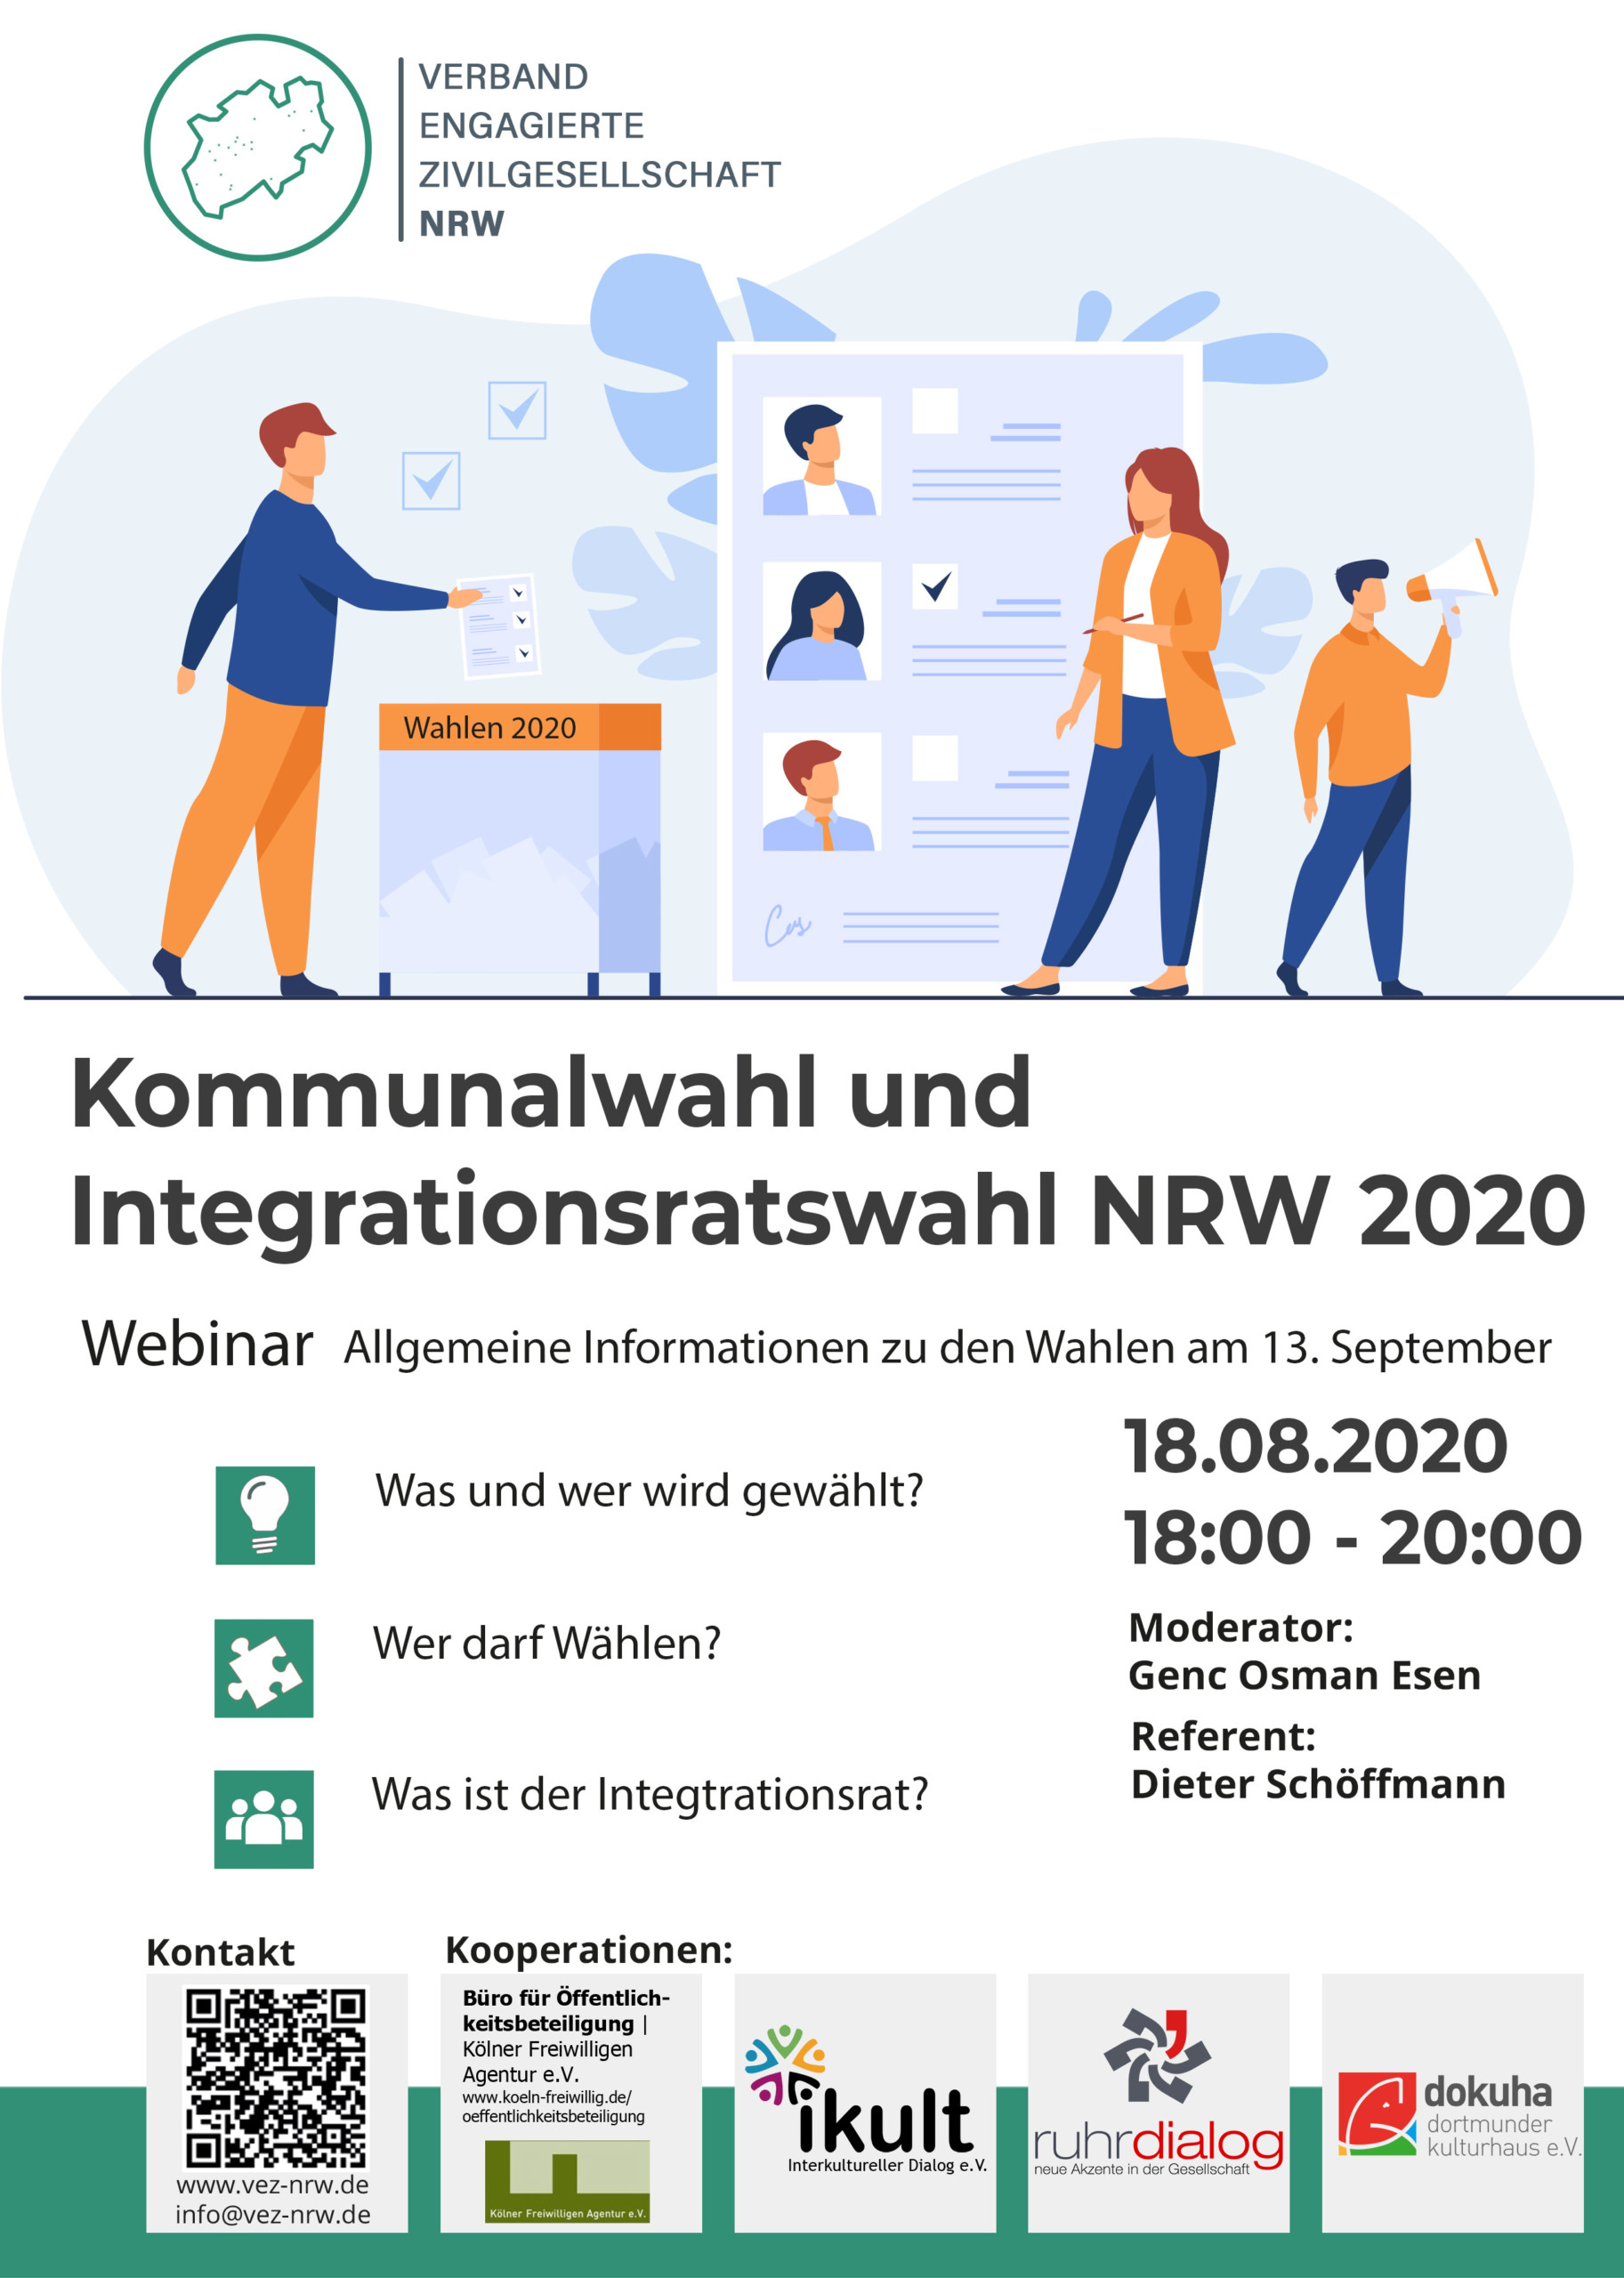 Kommunalwahl und Integrationsratswahl NRW 2020